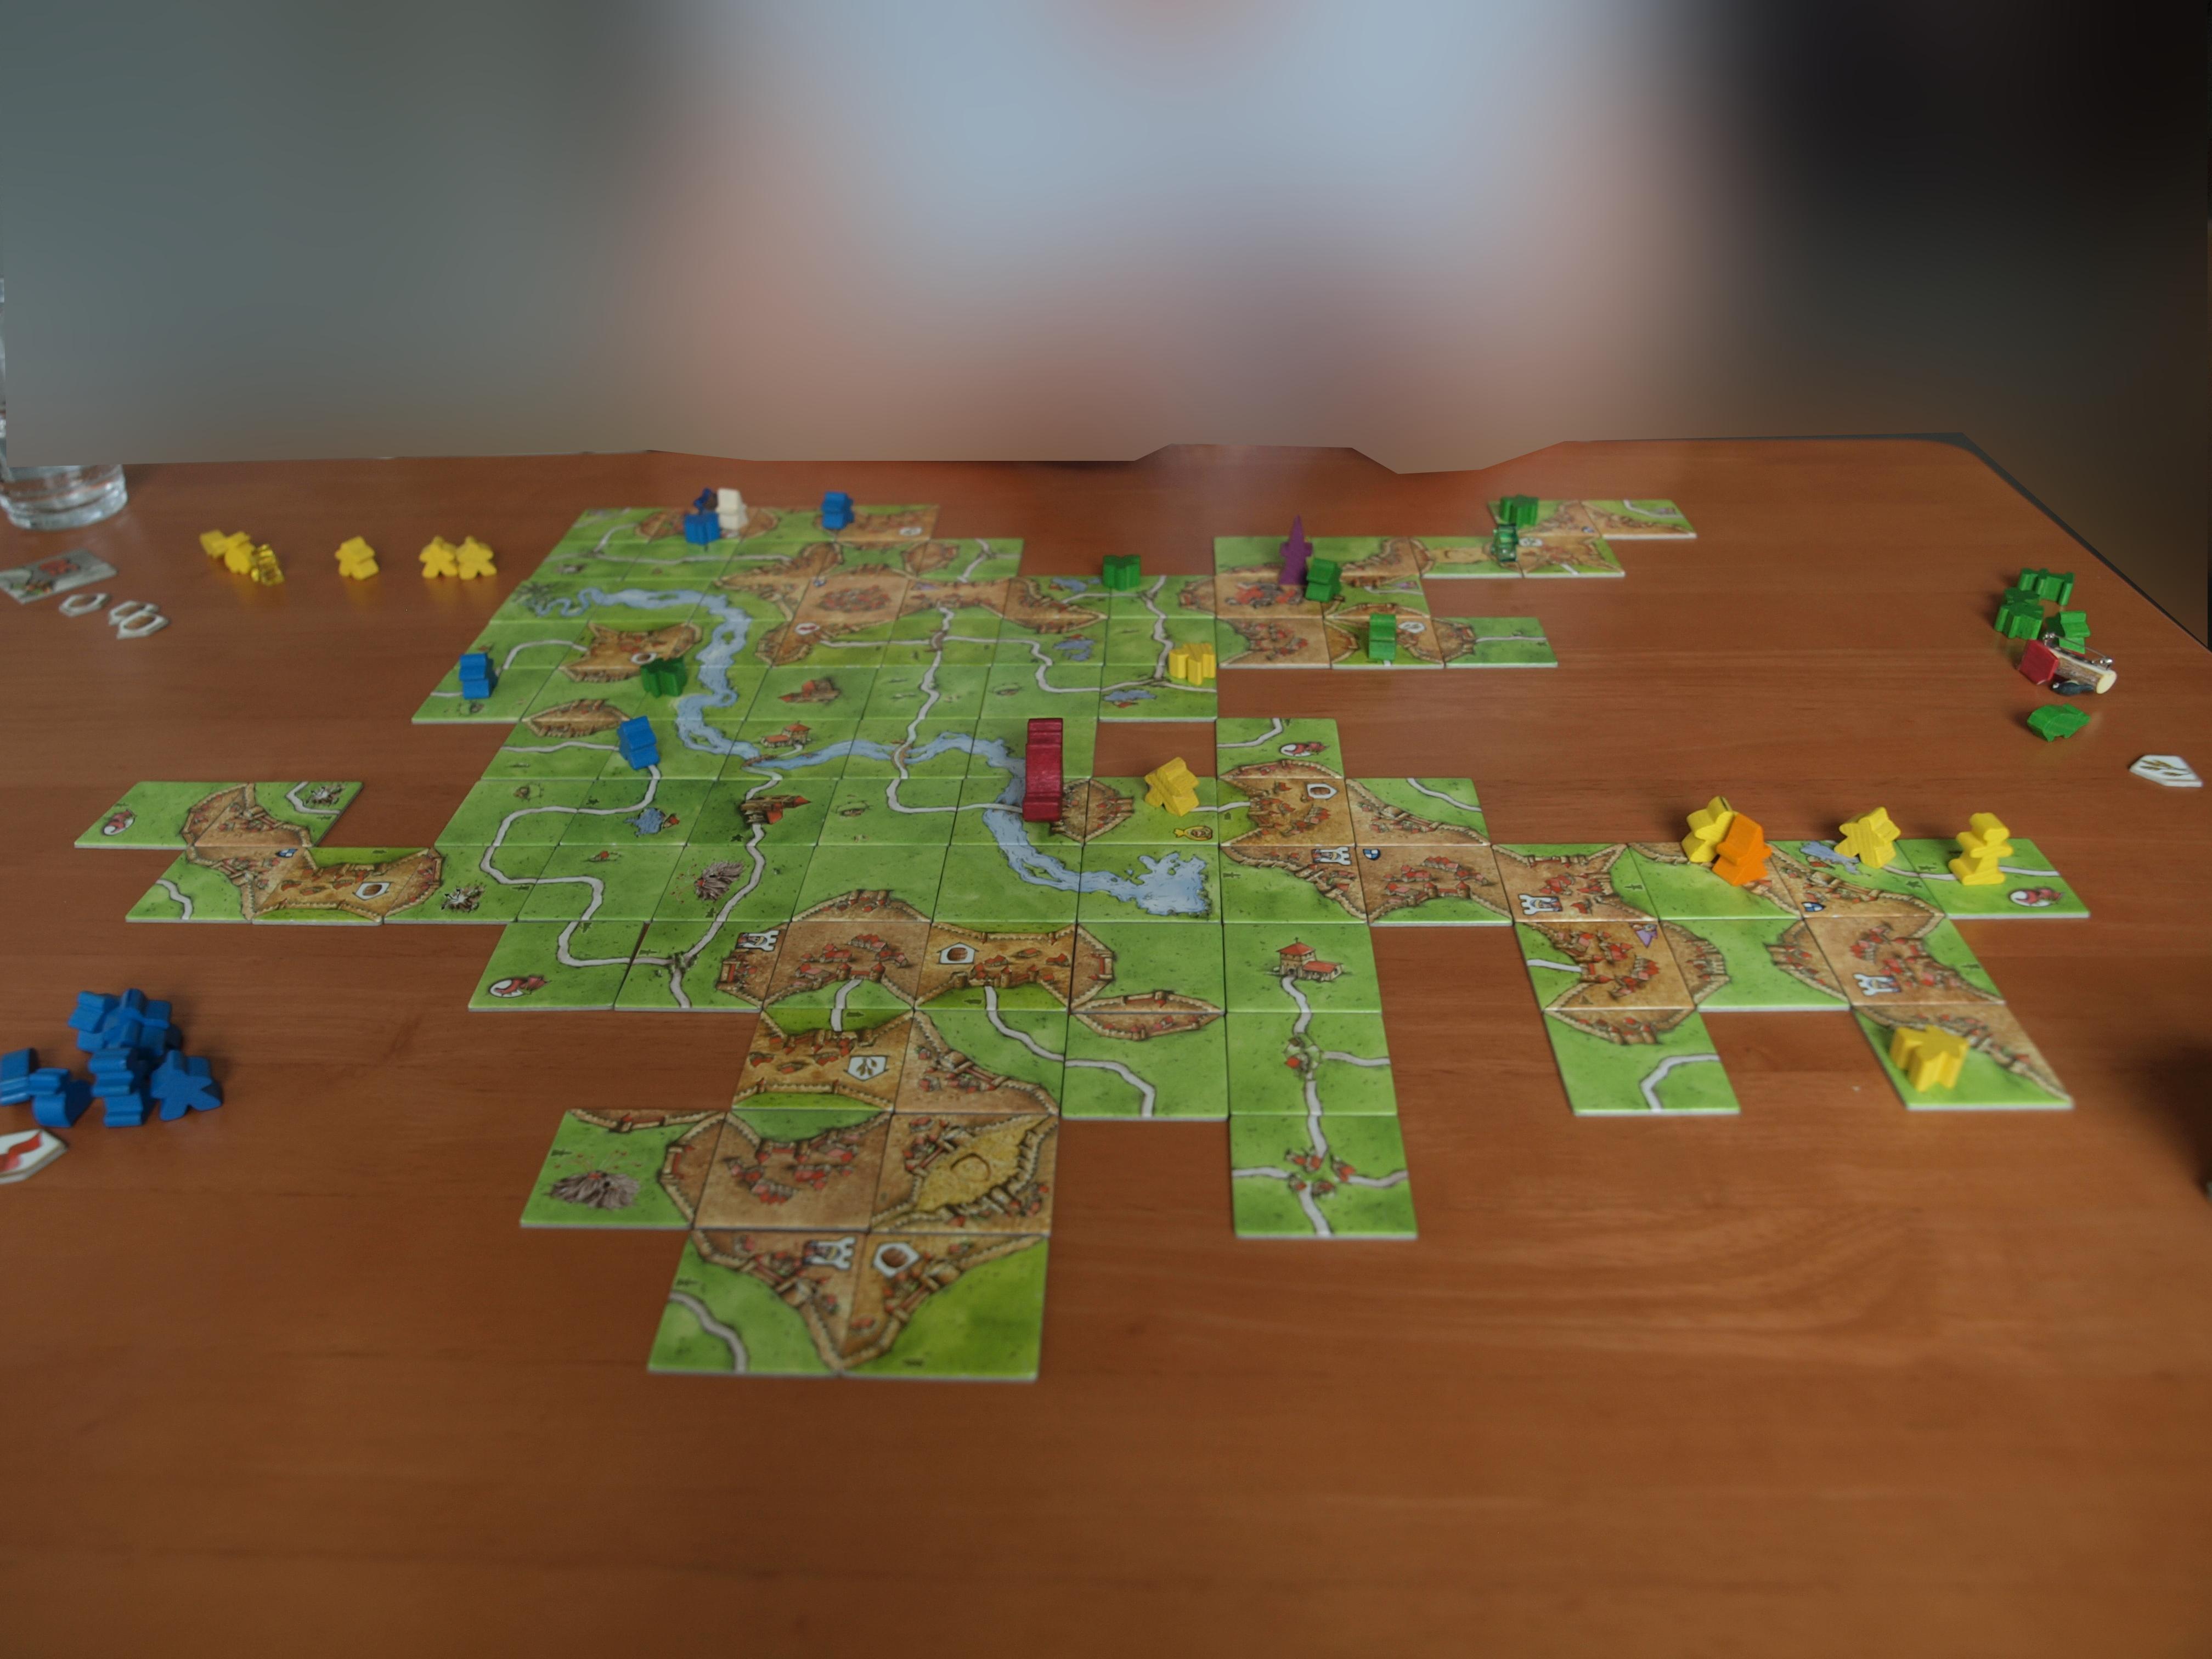 FARBWAHL 1,2,5,10 Stk Holz Männchen Carcassonne  ERSATZ Meeple Spielfiguren